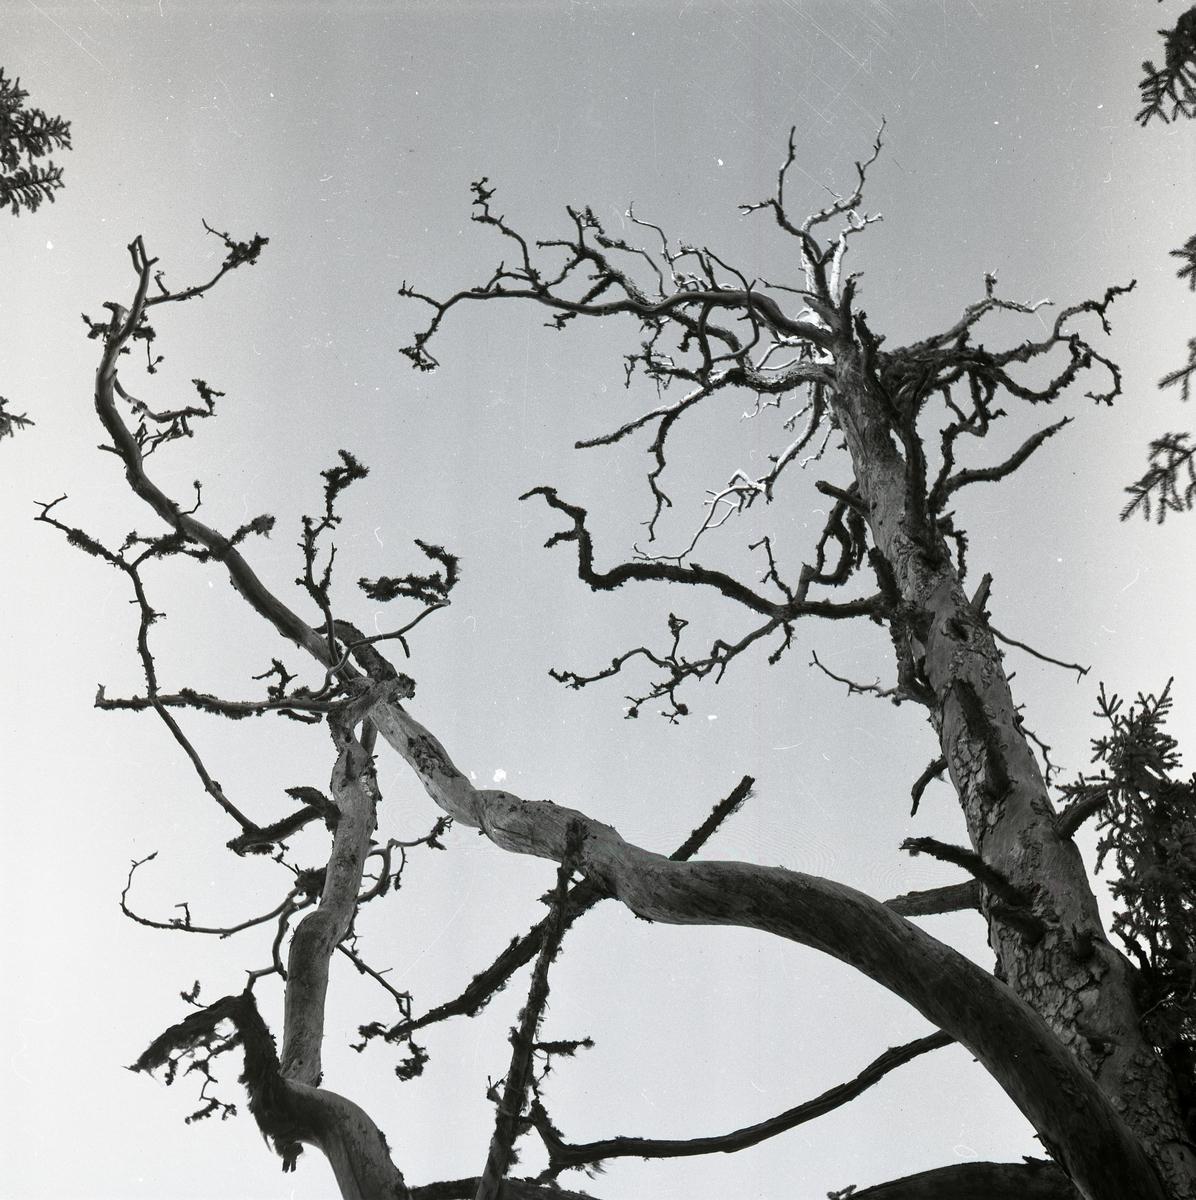 En dött träd med kala grenar, så kallad torrake, på Moberget den 25 januari 1953.